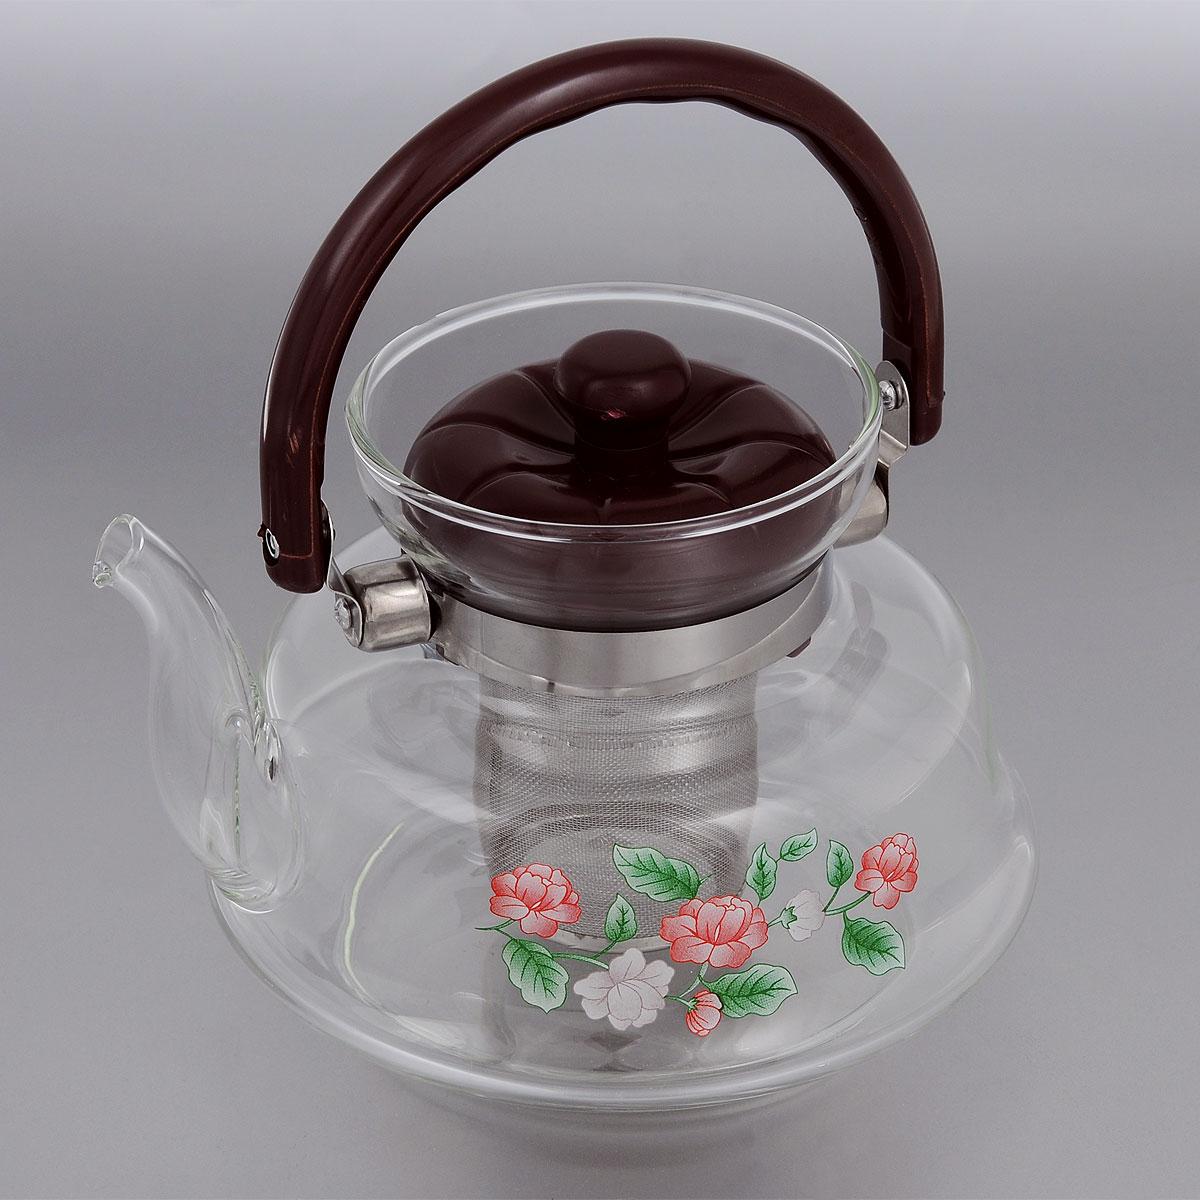 Чайник заварочный Mayer & Boch, с фильтром, 1,4 л. 259024824Заварочный чайник Mayer & Boch, выполненный из термостойкого стекла, предоставит вам все необходимые возможности для успешного заваривания чая. Изделие оснащено пластиковой ручкой, крышкой и сетчатым фильтром из нержавеющей стали, который задерживает чаинки и предотвращает их попадание в чашку. Чай в таком чайнике дольше остается горячим, а полезные и ароматические вещества полностью сохраняются в напитке. Эстетичный и функциональный чайник будет оригинально смотреться в любом интерьере.Диаметр чайника (по верхнему краю): 9,5 см. Высота чайника (с учетом ручки и крышки): 19 см. Высота чайника (без учета ручки и крышки): 13 см. Высота фильтра: 7,5 см.